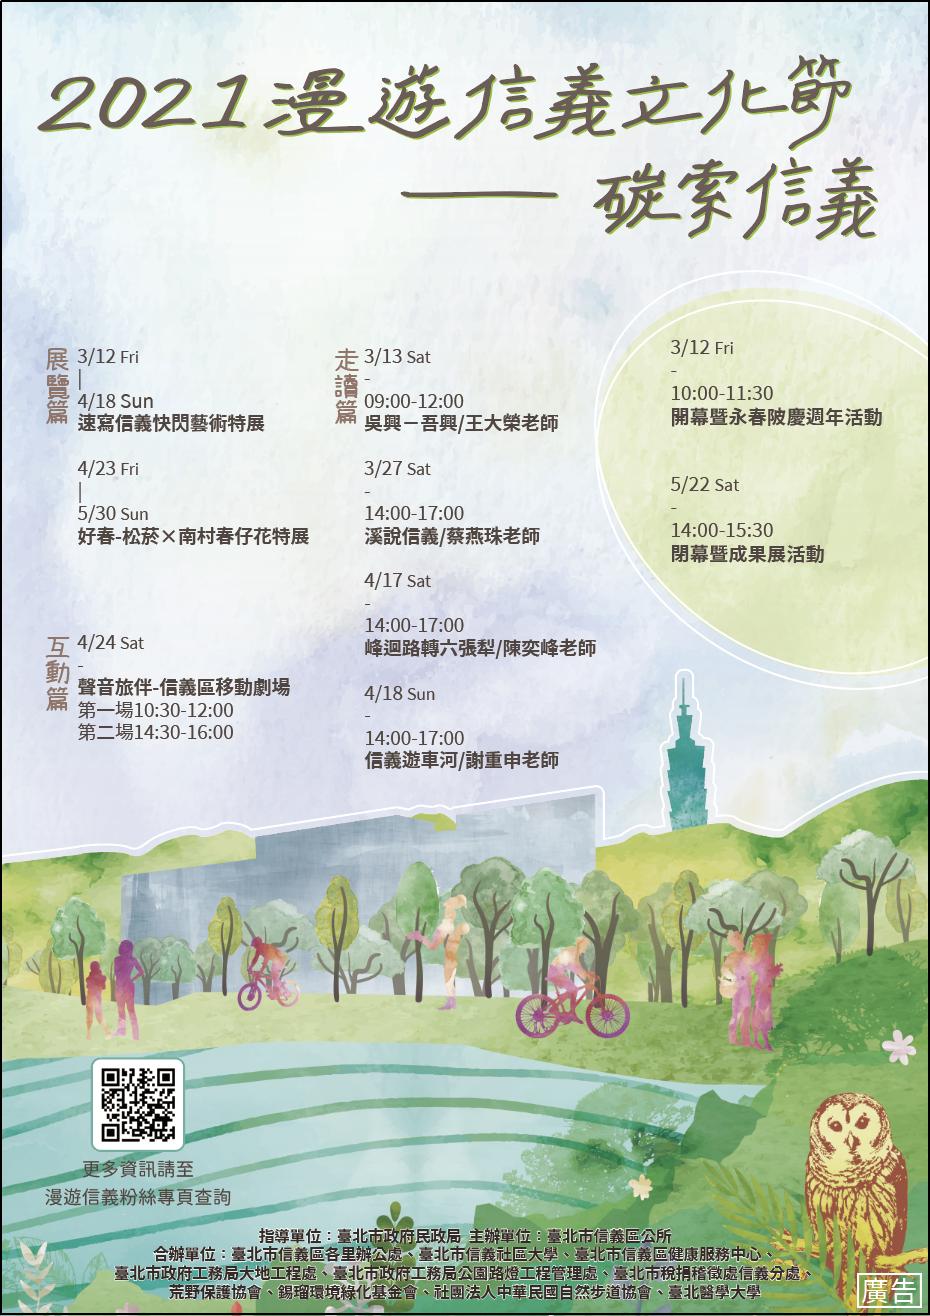 「2021漫遊信義文化節-碳索信義」